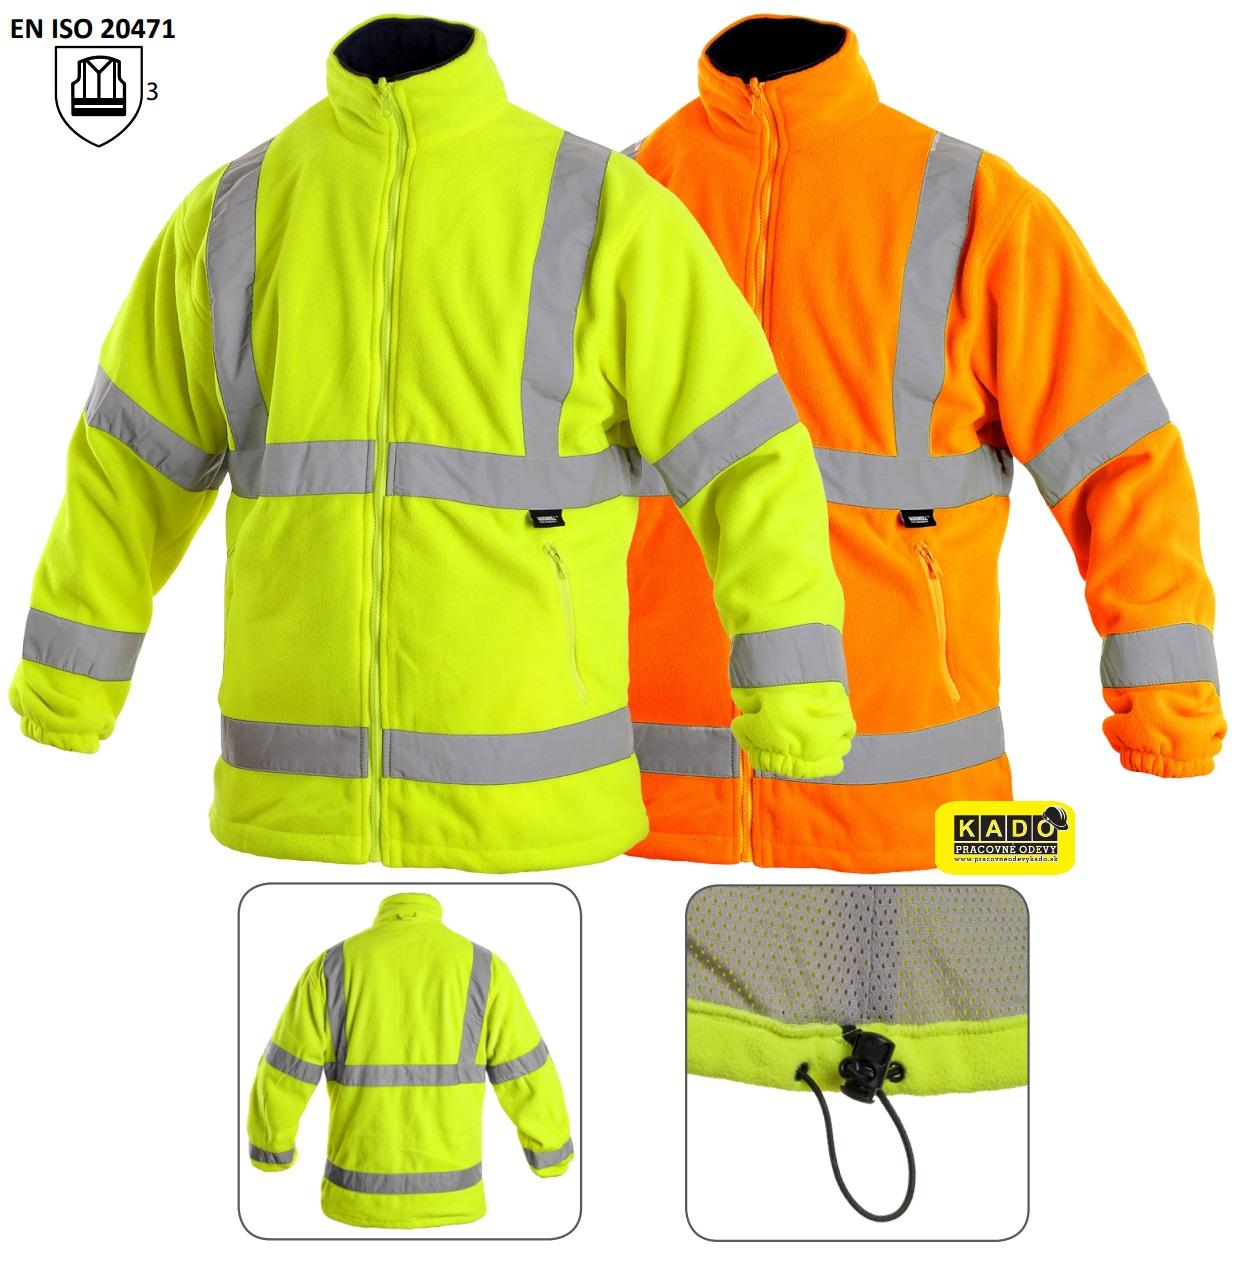 dac1a981e98 Pracovné odevy - reflexná fleece bunda PRESTON VIZWELL VWFC13 CXS